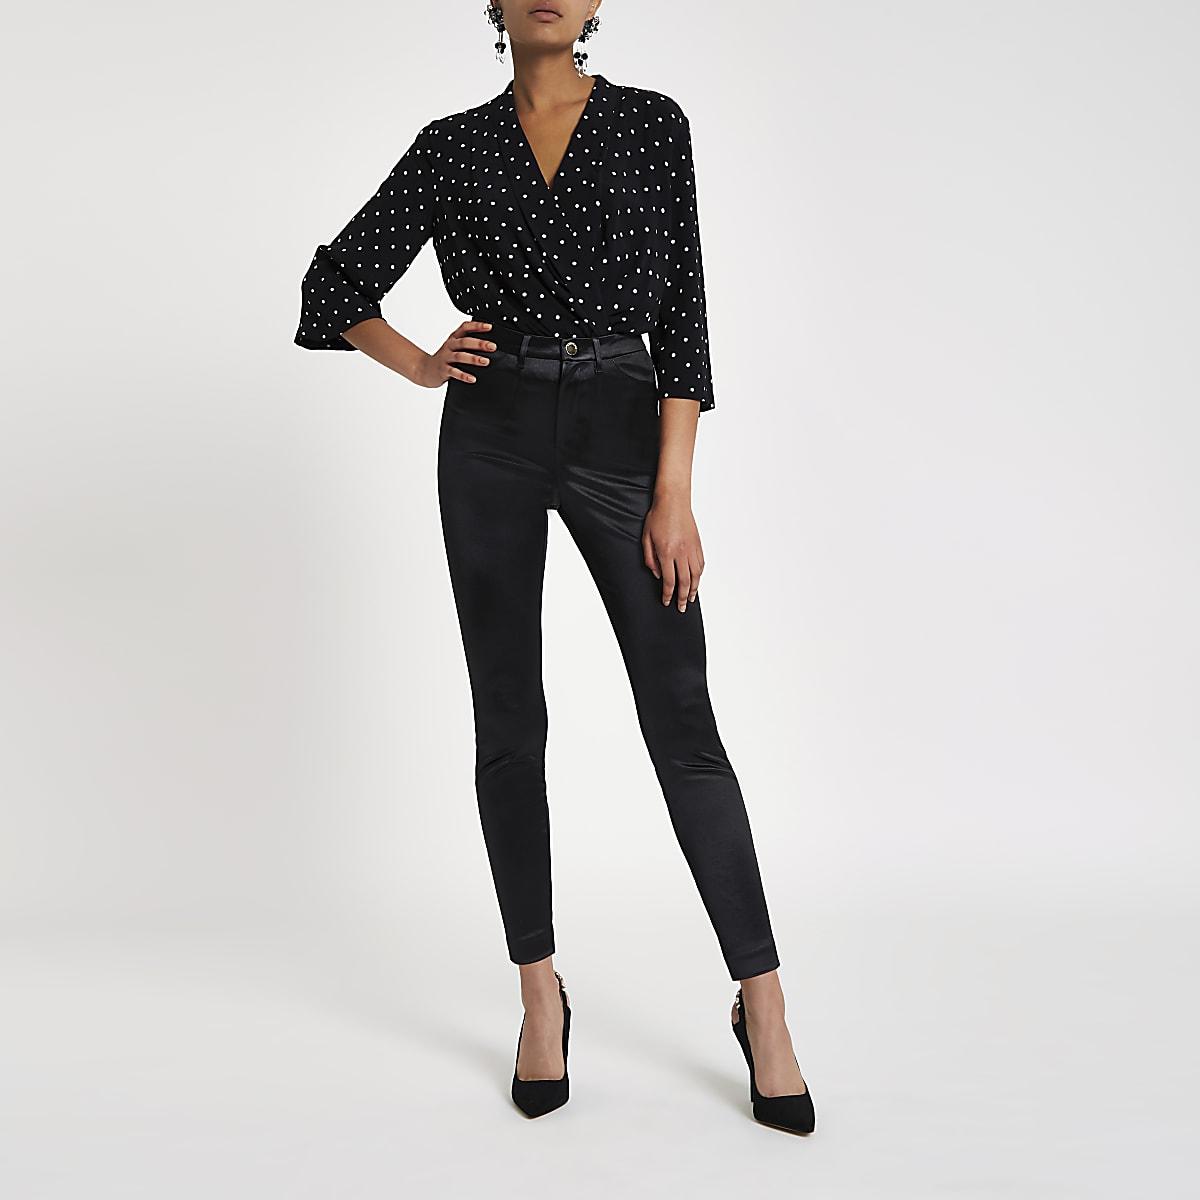 Zwarte skinny discobroek met hoge taille